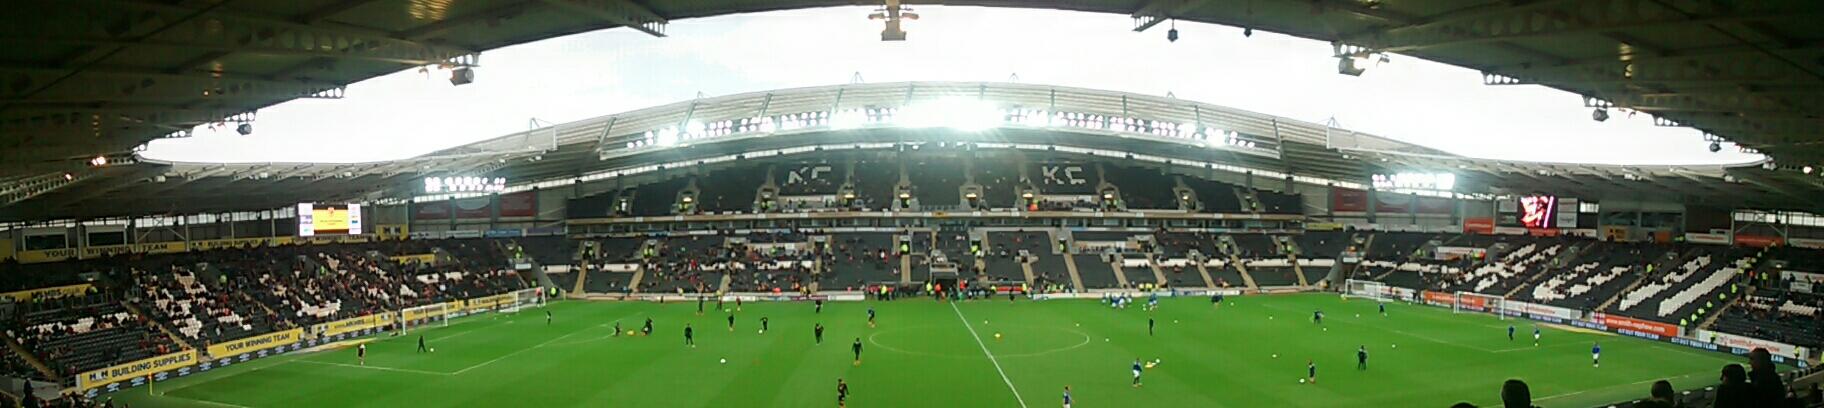 panoramic of the kc stadium hull